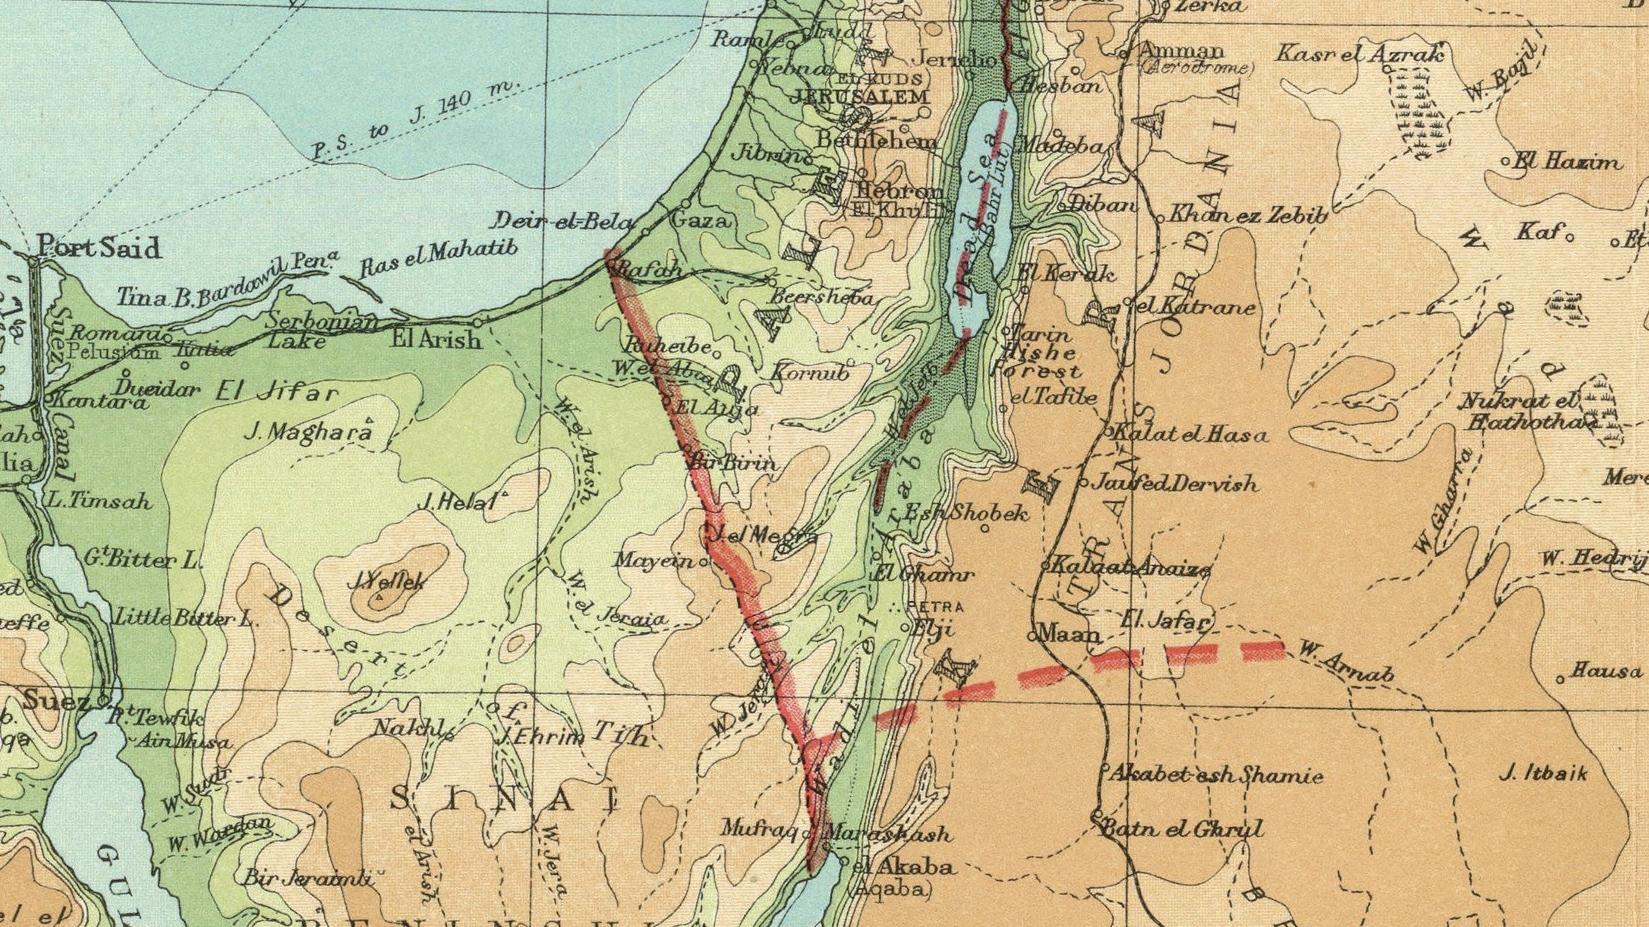 Grensa strakk seg frå Daudehavet til Raudehavet. Kartet er frå 1922 (David Rumsey Historical Map Collection)